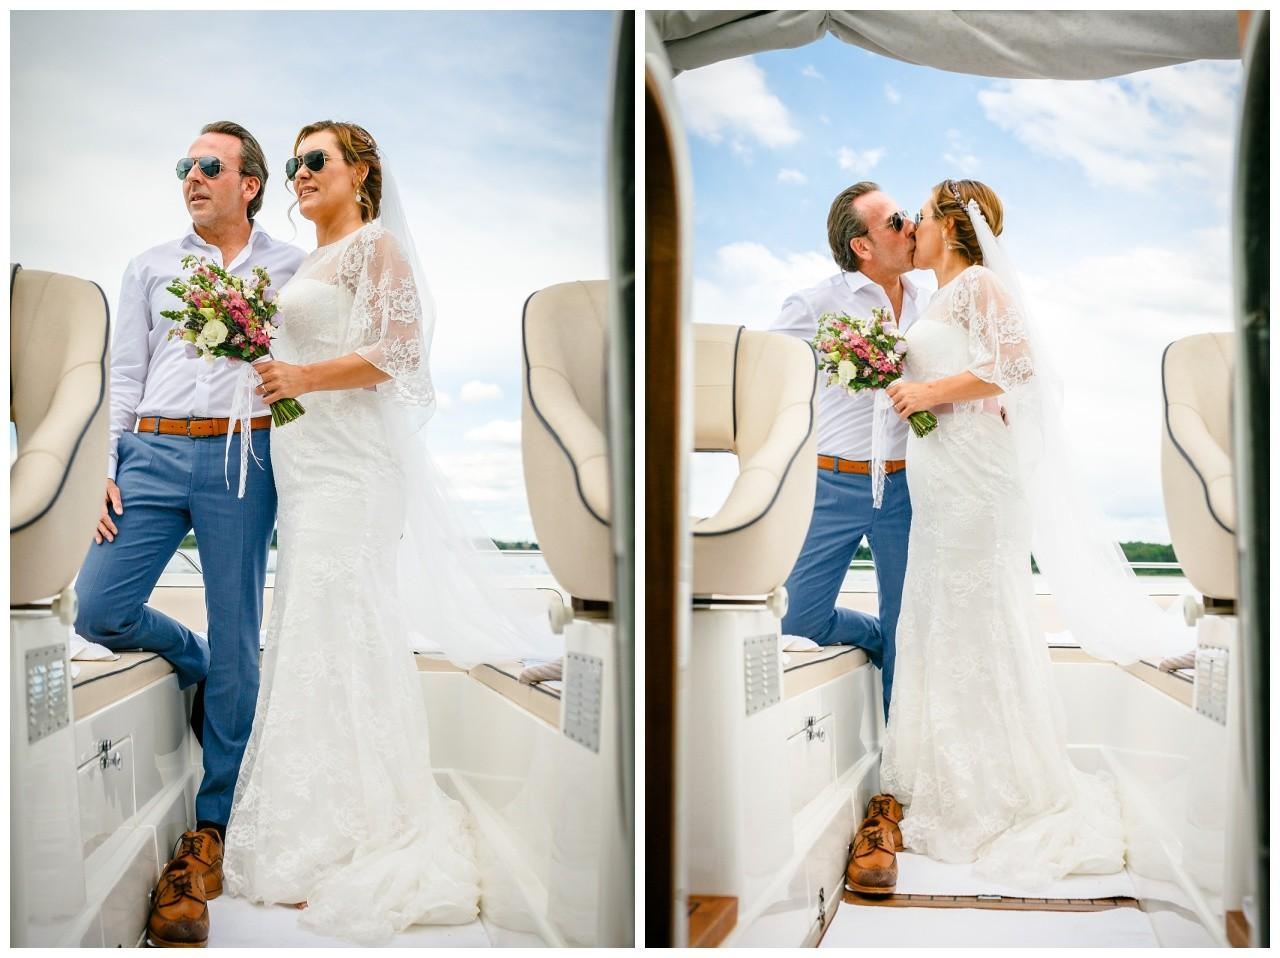 der Fotograf Chiemsee fotografiert das Brautpaar auf dem Boot